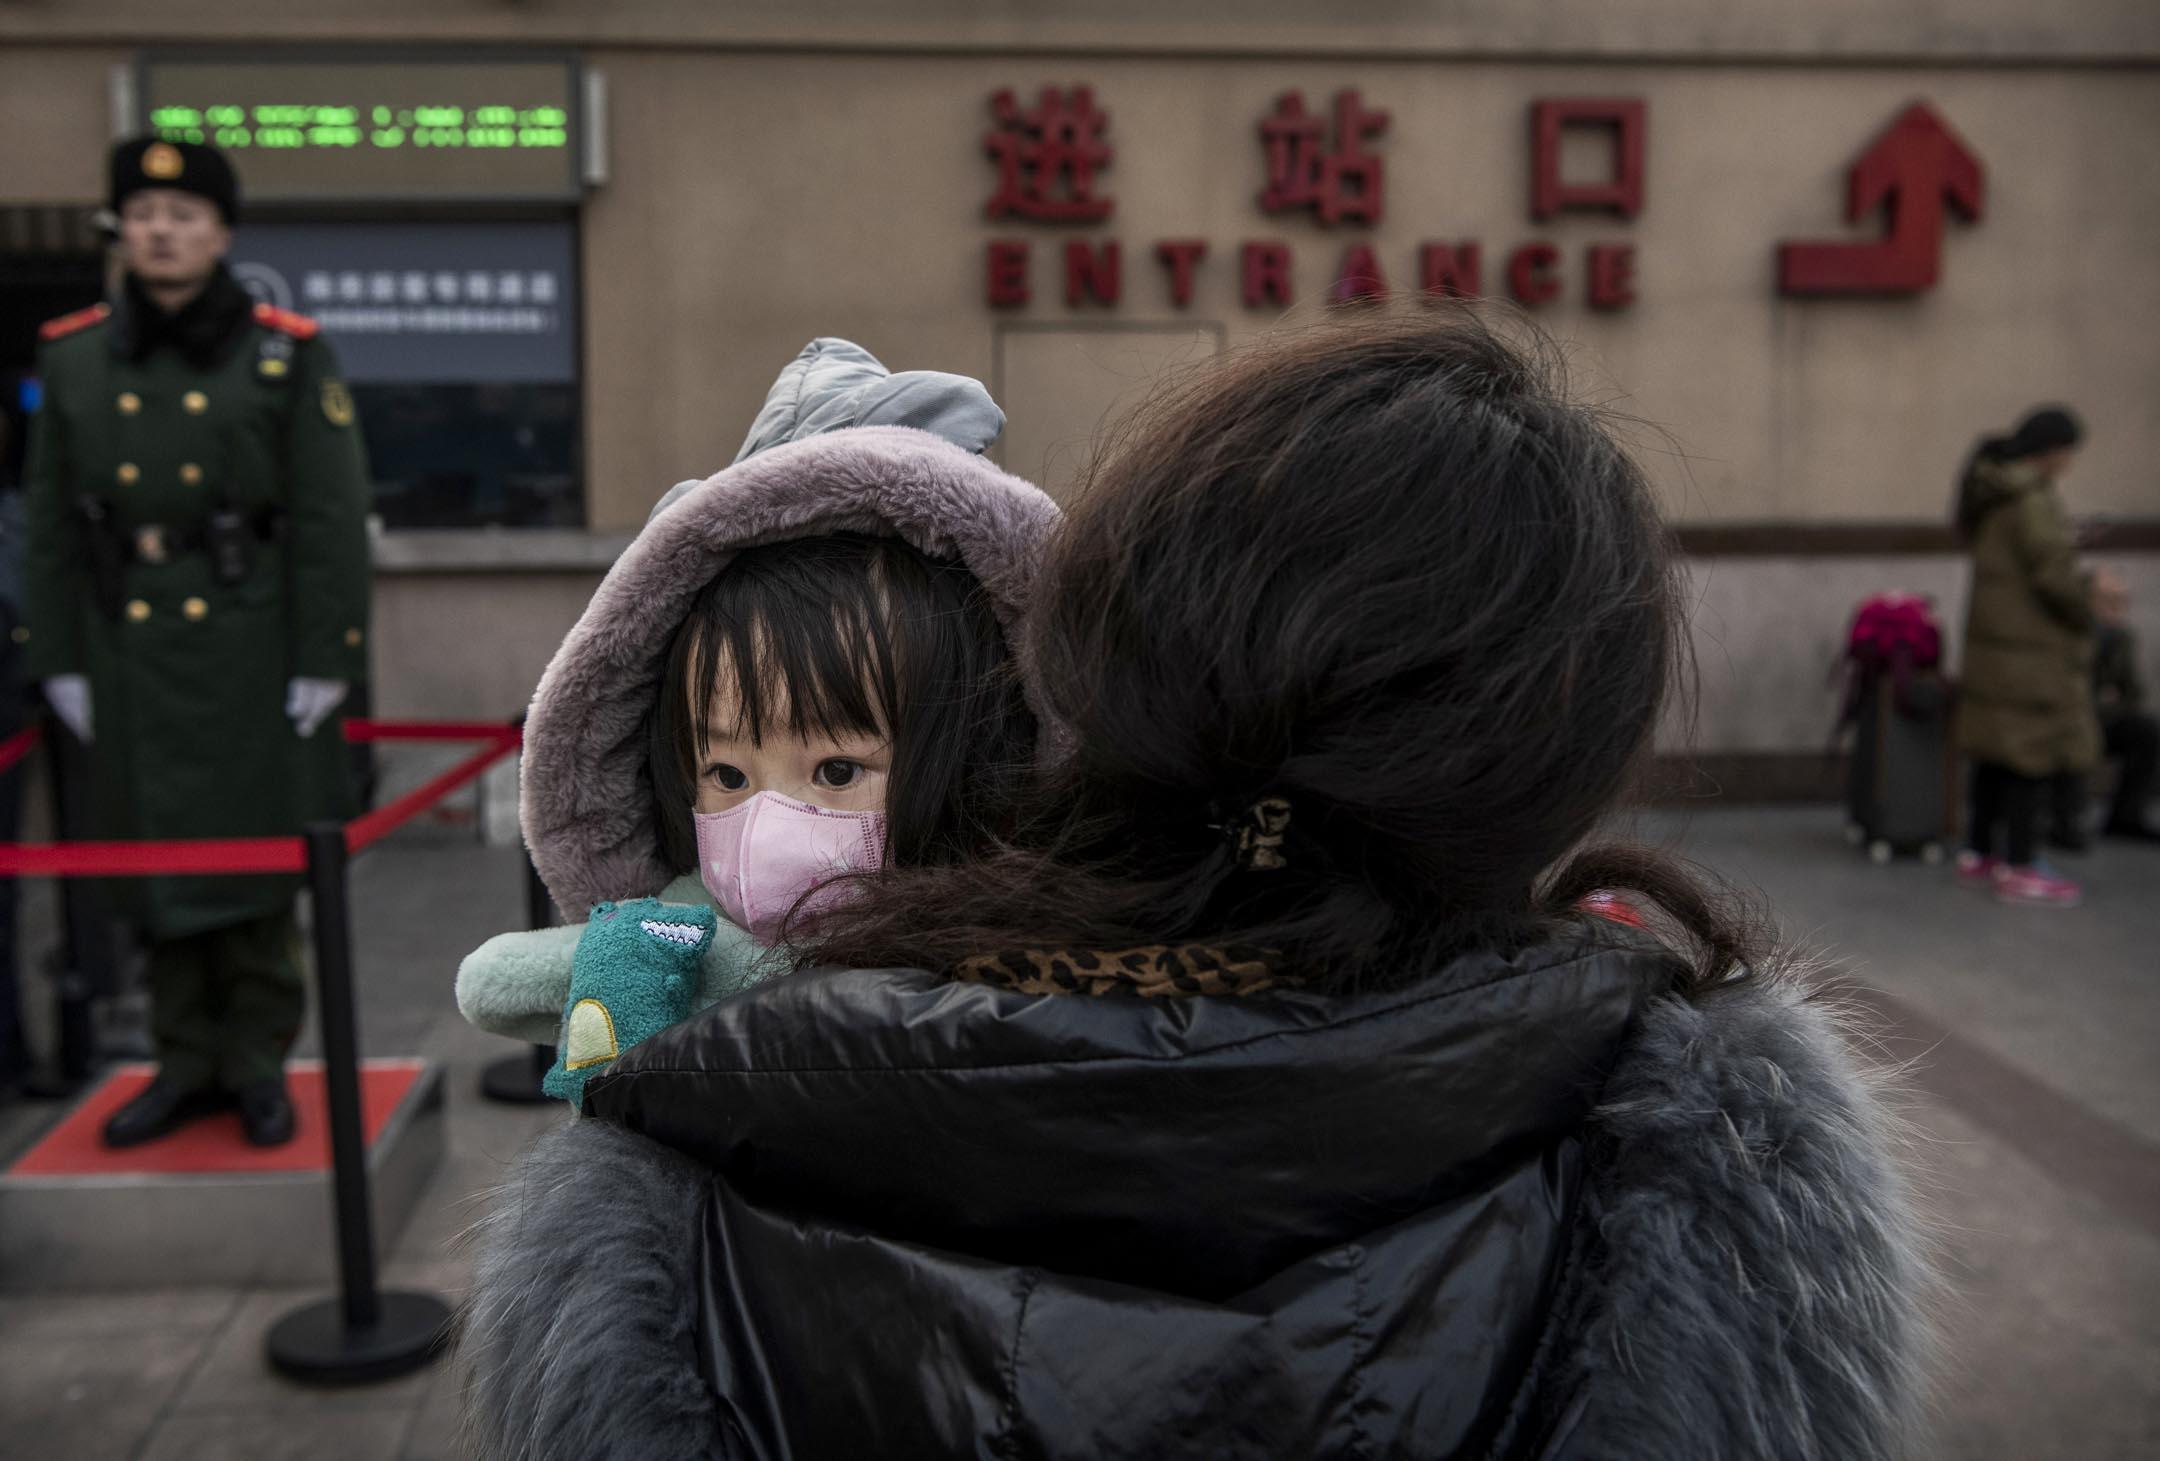 2020年1月21日,在春節夕的北京火車站,一名中國女孩戴著防護口罩,等候登車。